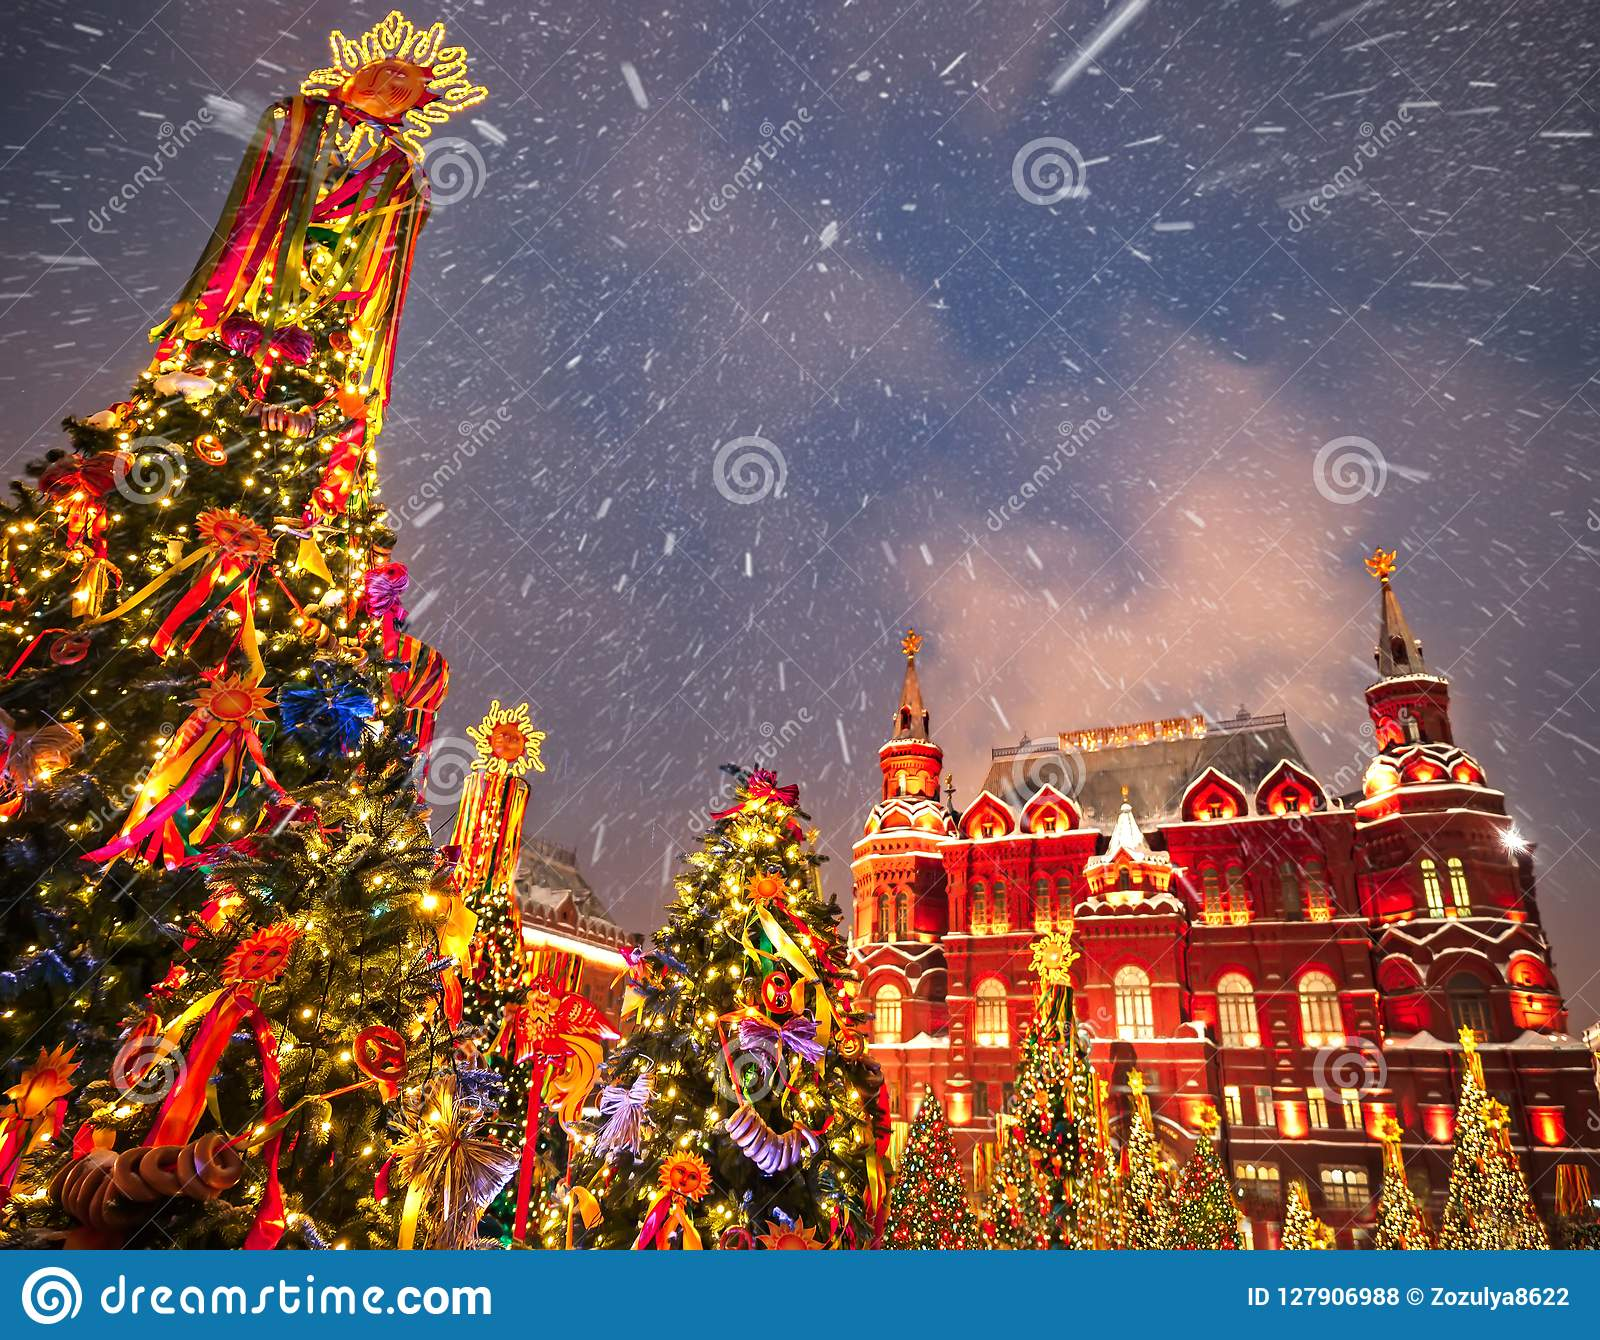 Immagini Di Alberi Di Natale Decorati.Alberi Di Natale Decorati In Onore Della Settimana Di